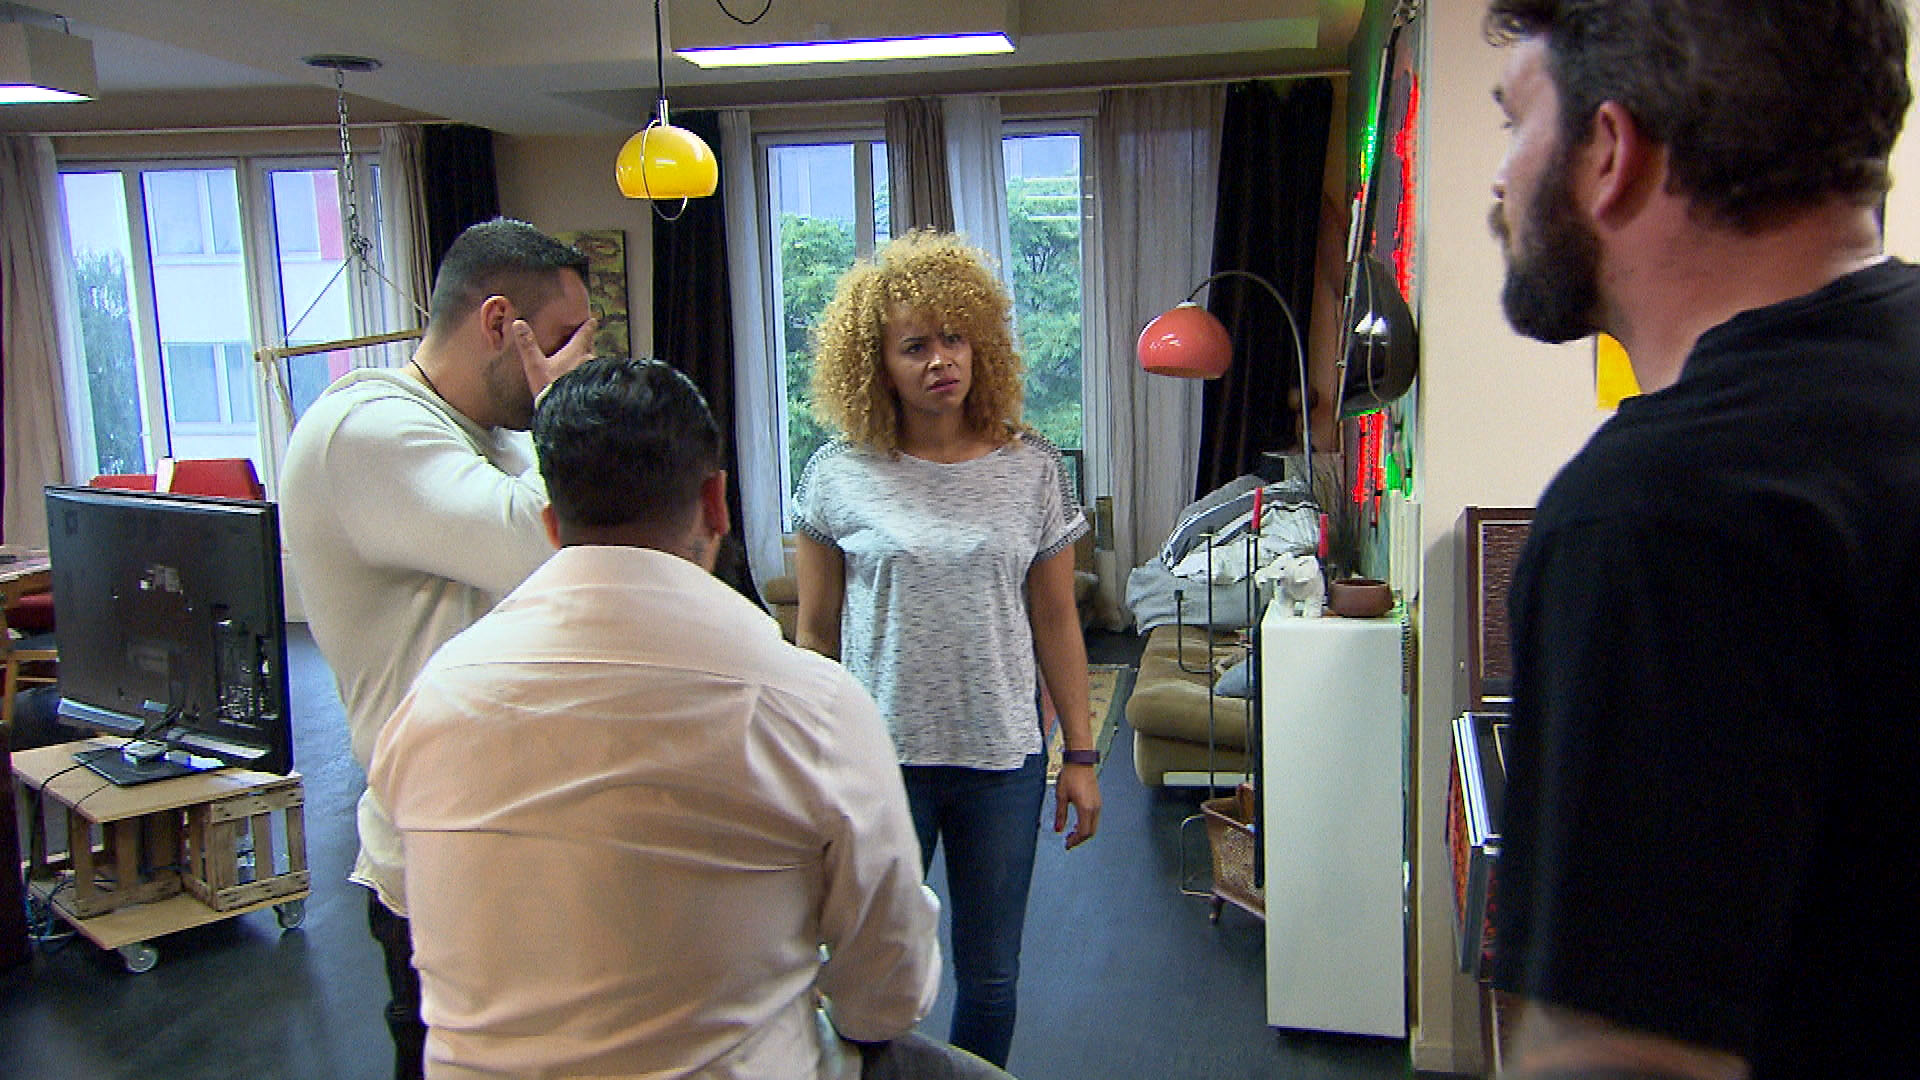 v.l.n.r.: Manu, Bruno, Sam, Alex (Quelle: RTL 2)